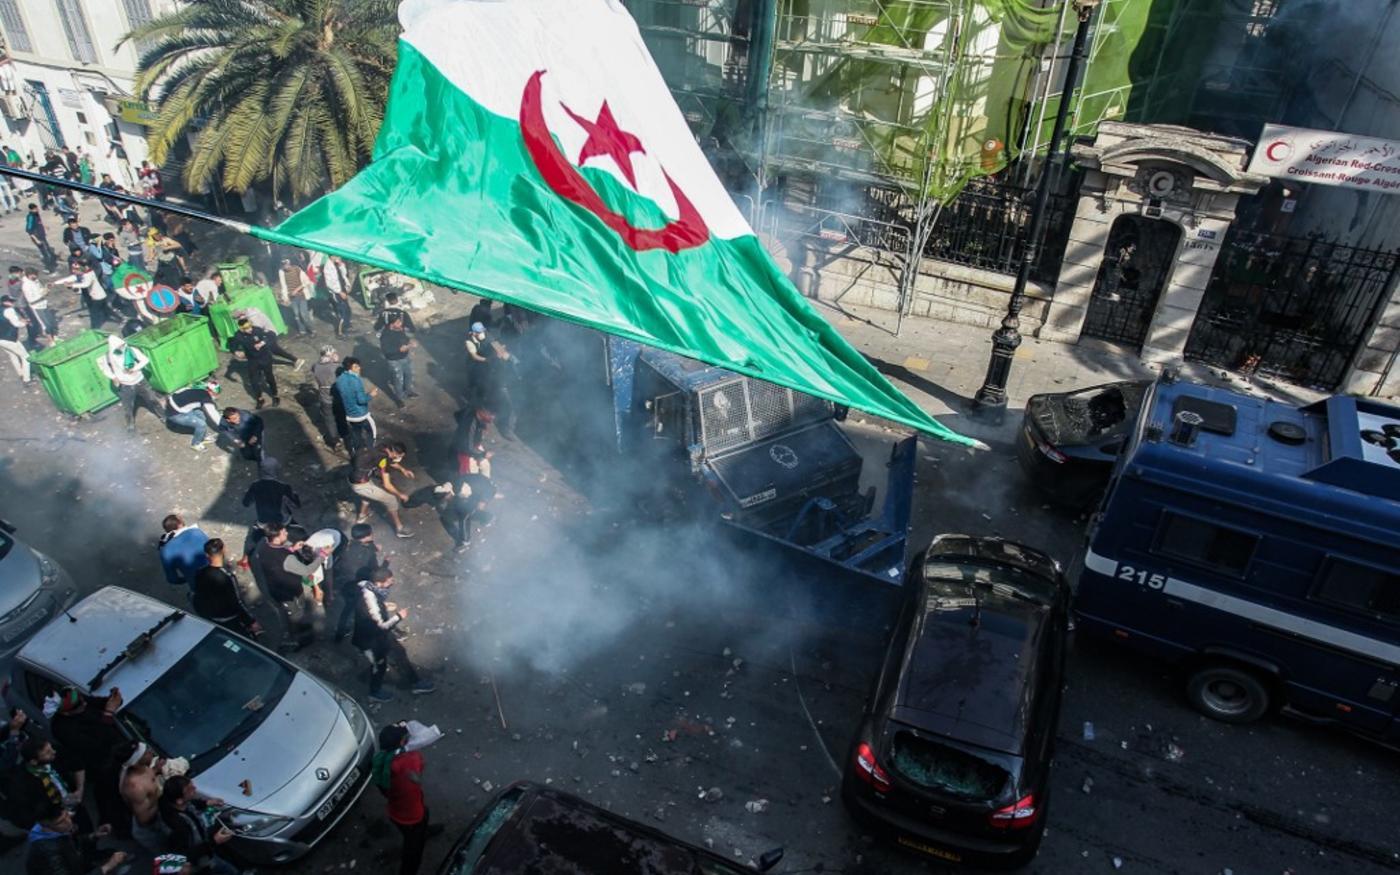 Detenus Du Hirak En Algerie Le Bagne Vu Du Ciel Middle East Eye Edition Francaise